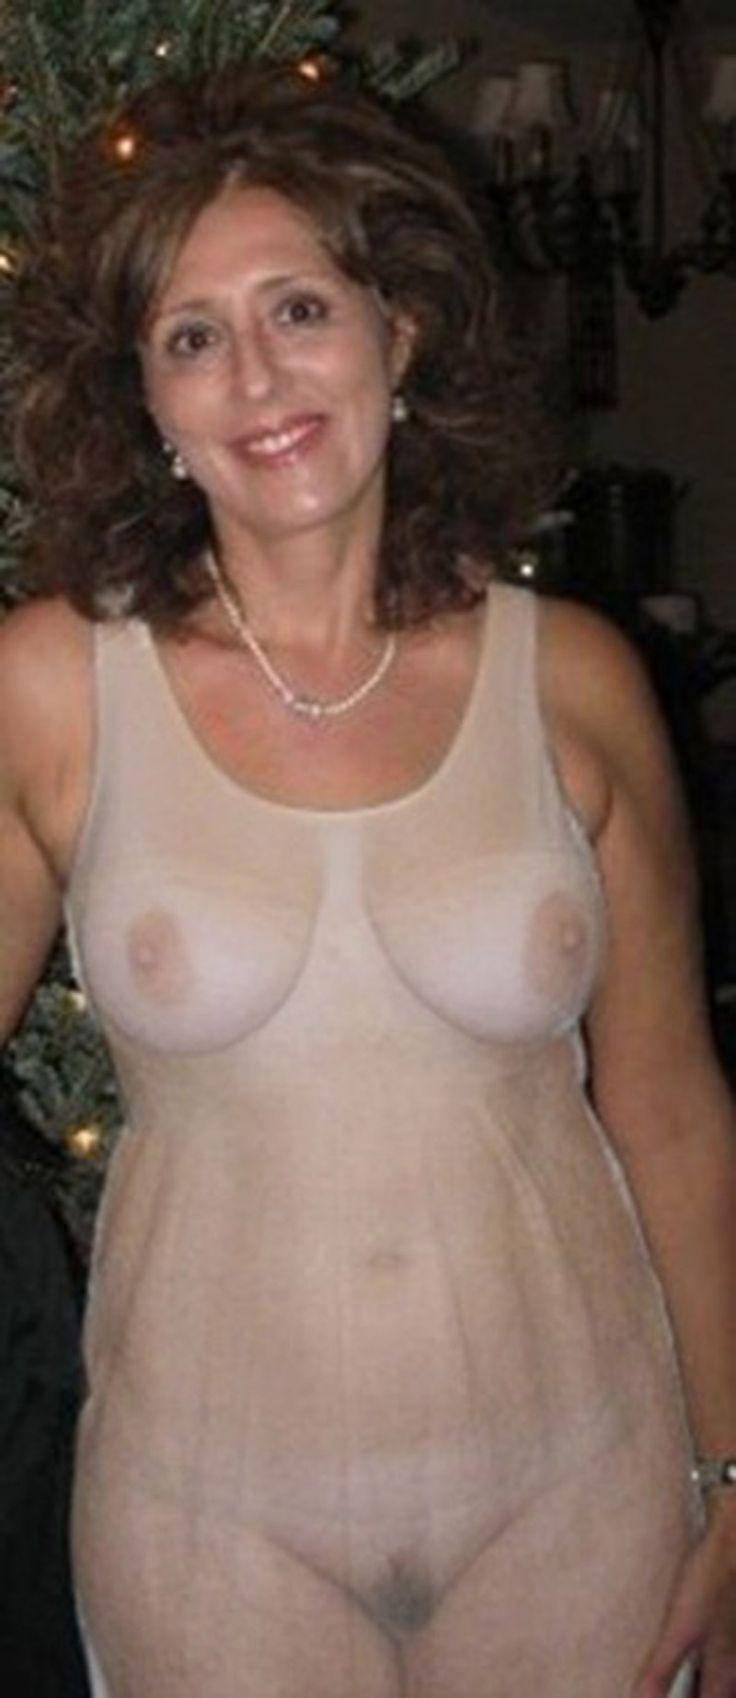 gros sein porno escort fr com